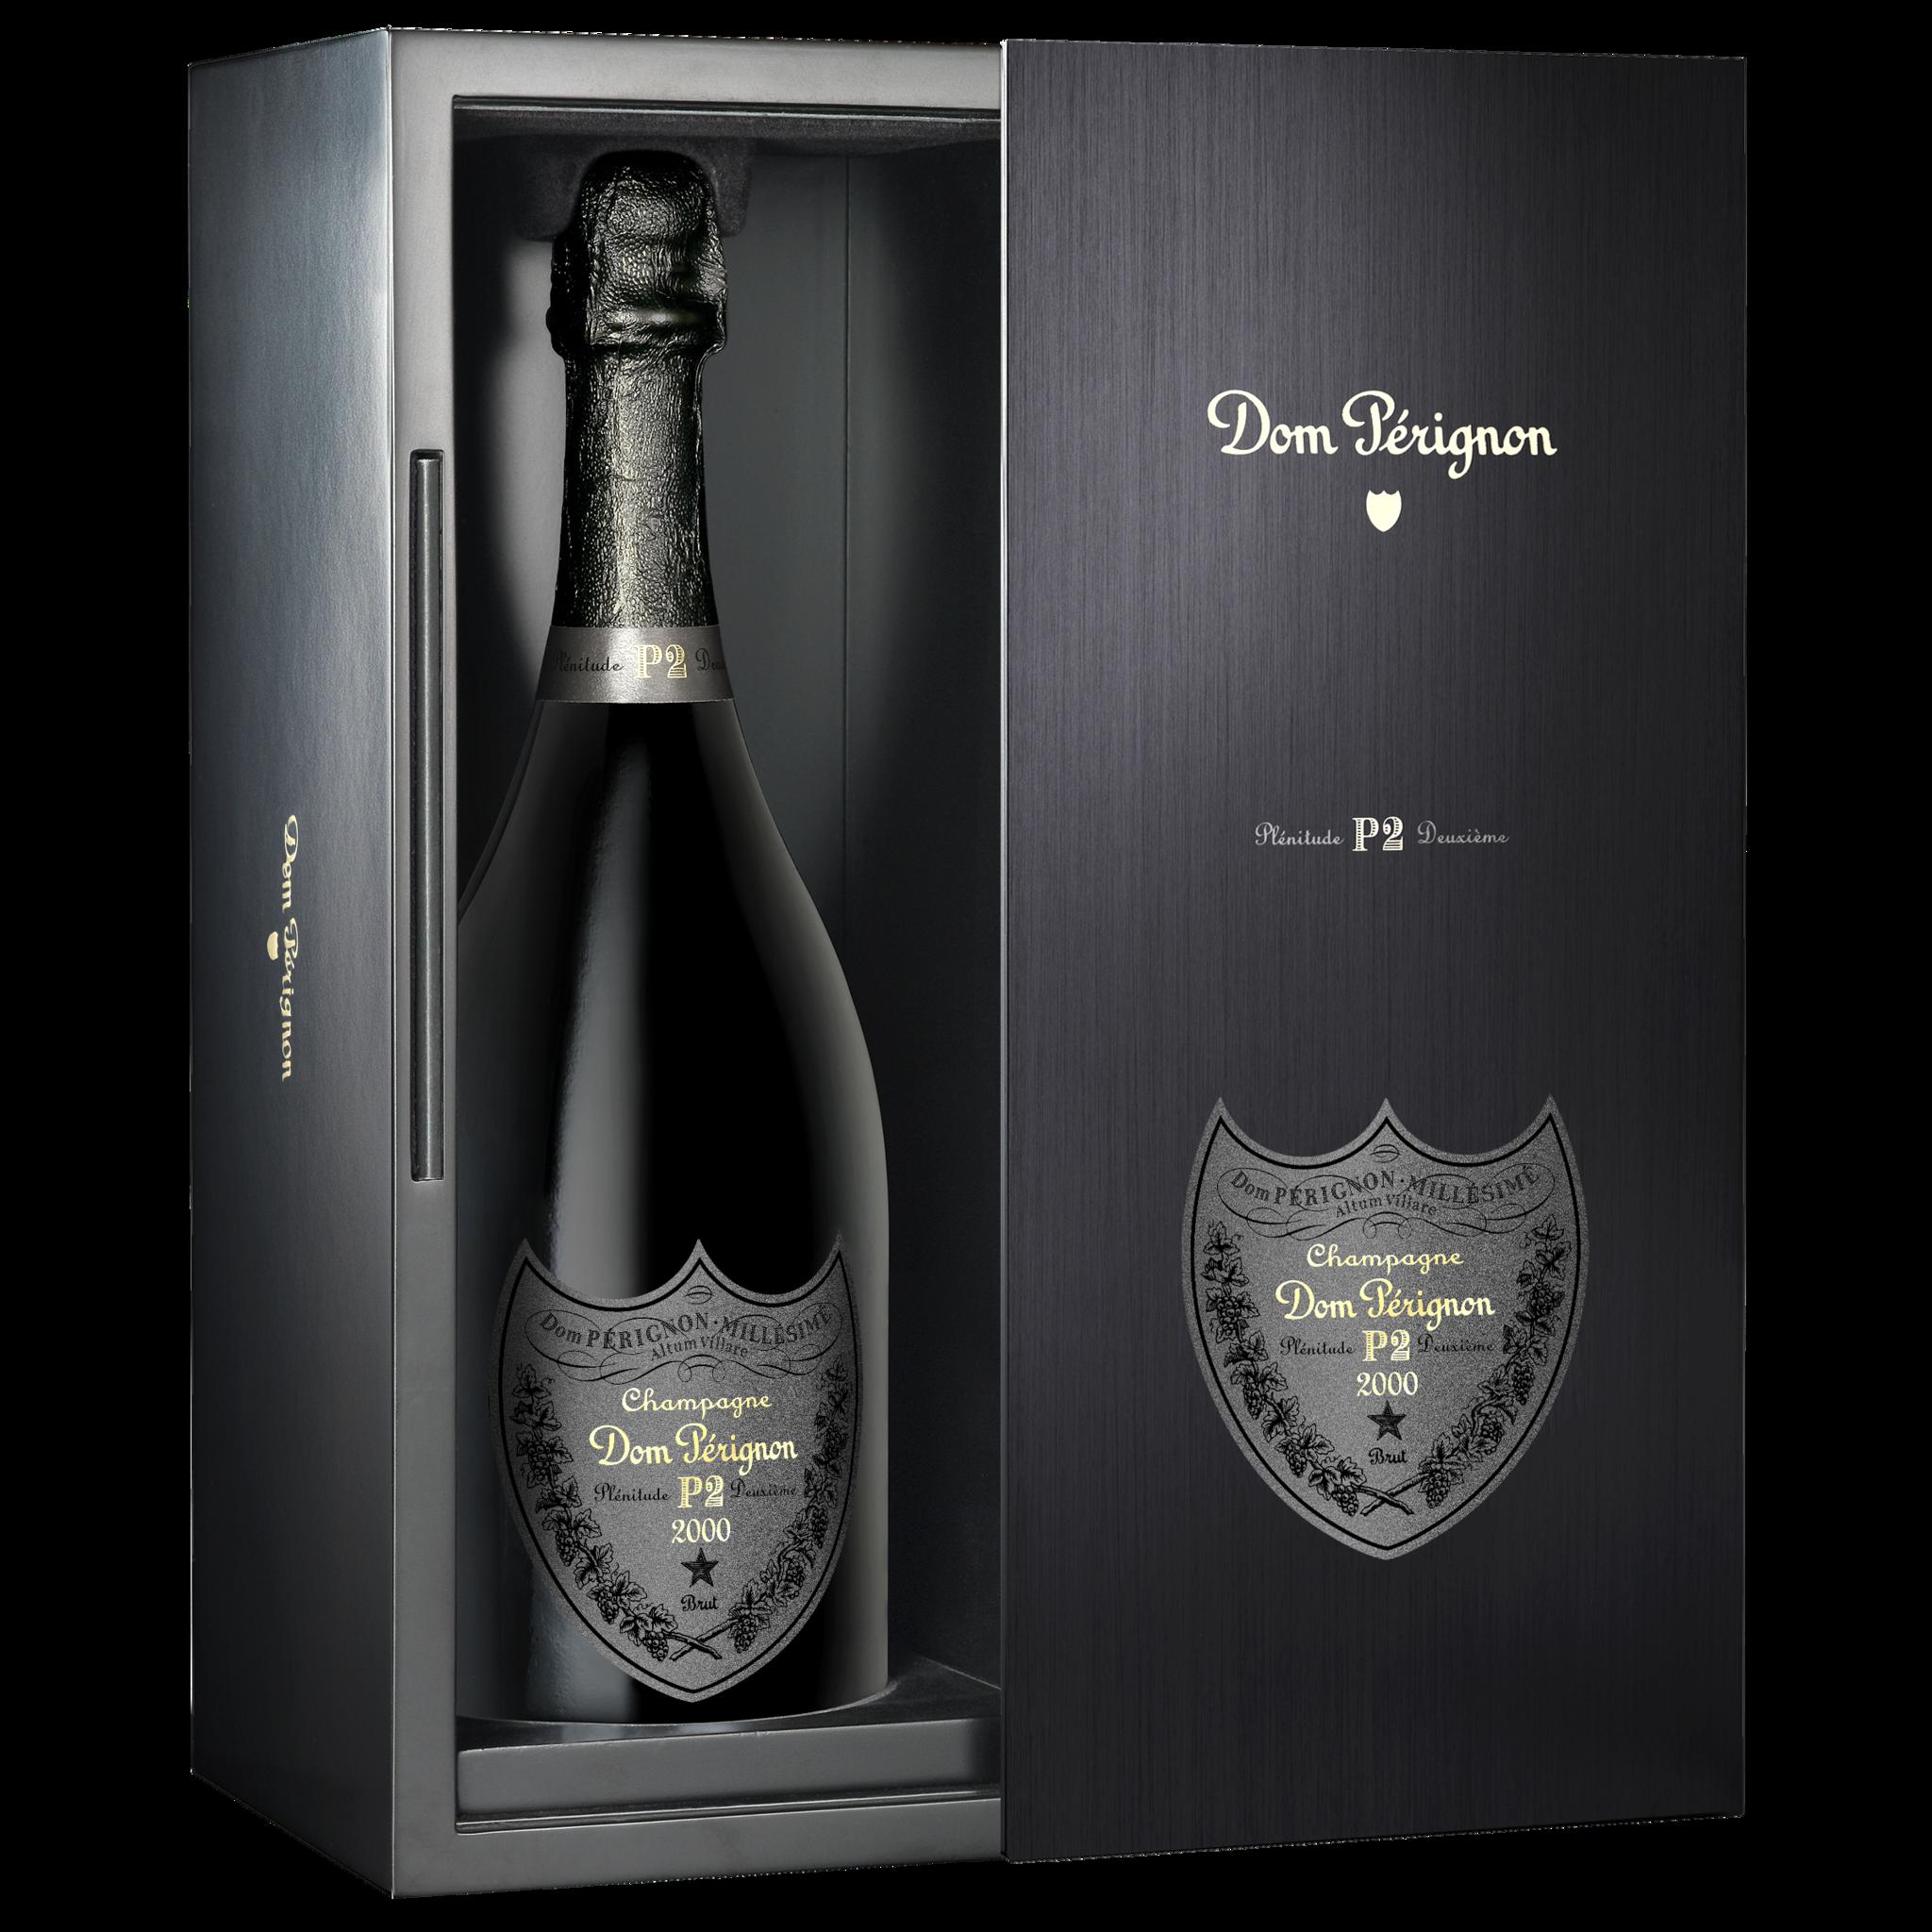 Dom Perignon P2 2000 giftbox 75cl-1